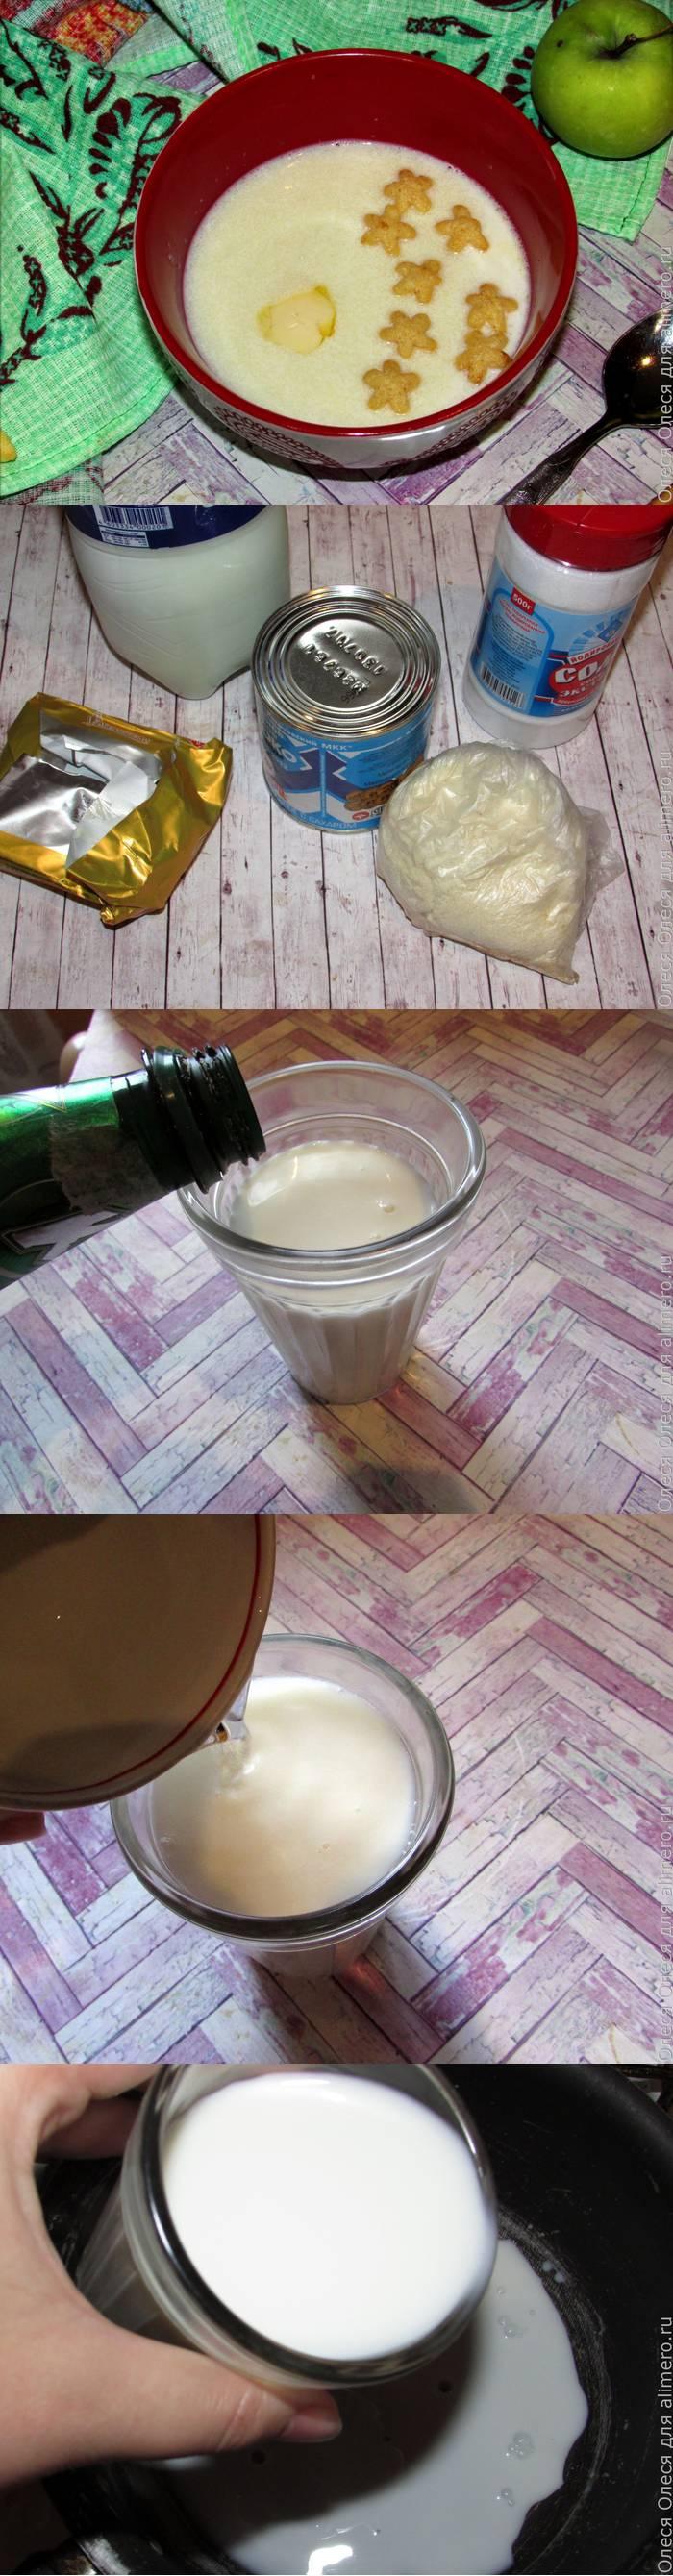 Вкусная манная каша на козьем молоке